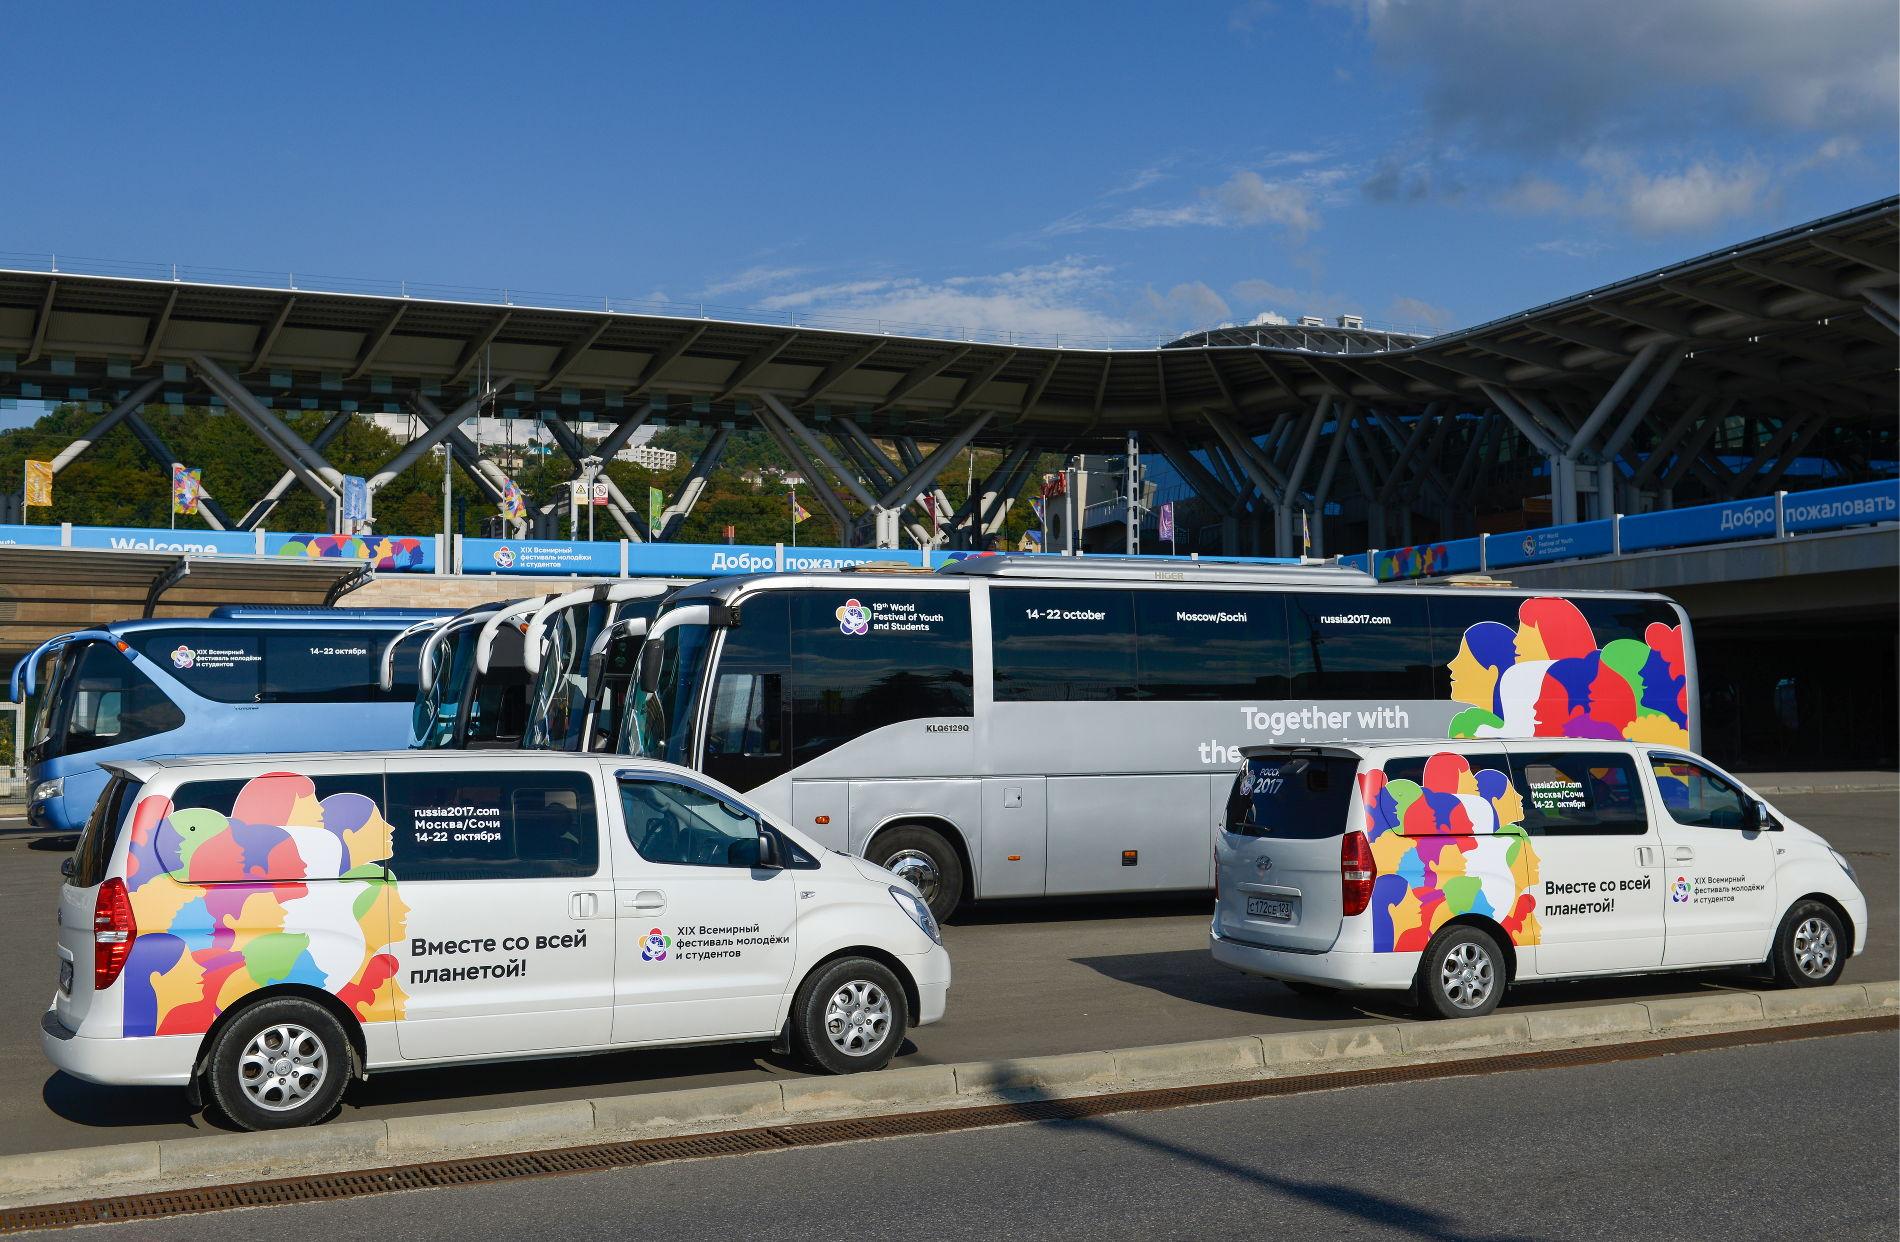 Кубань потратит 79 млн руб.  натранспортное обслуживание фестиваля молодежи истудентов